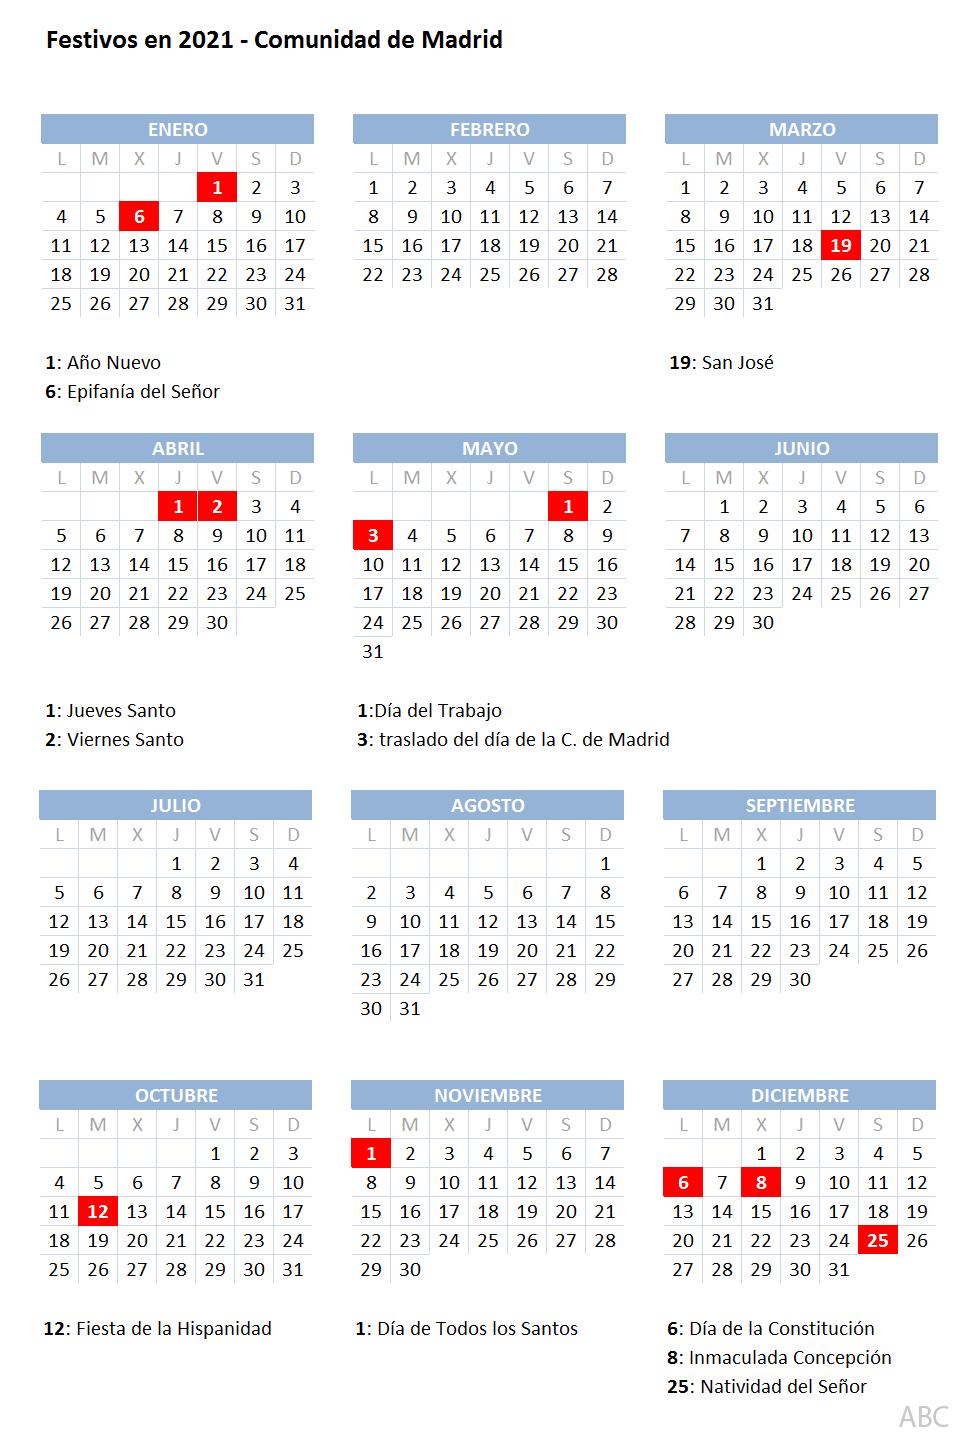 Calendario Laboral 2021 en Madrid: el 2 de mayo se traslada del